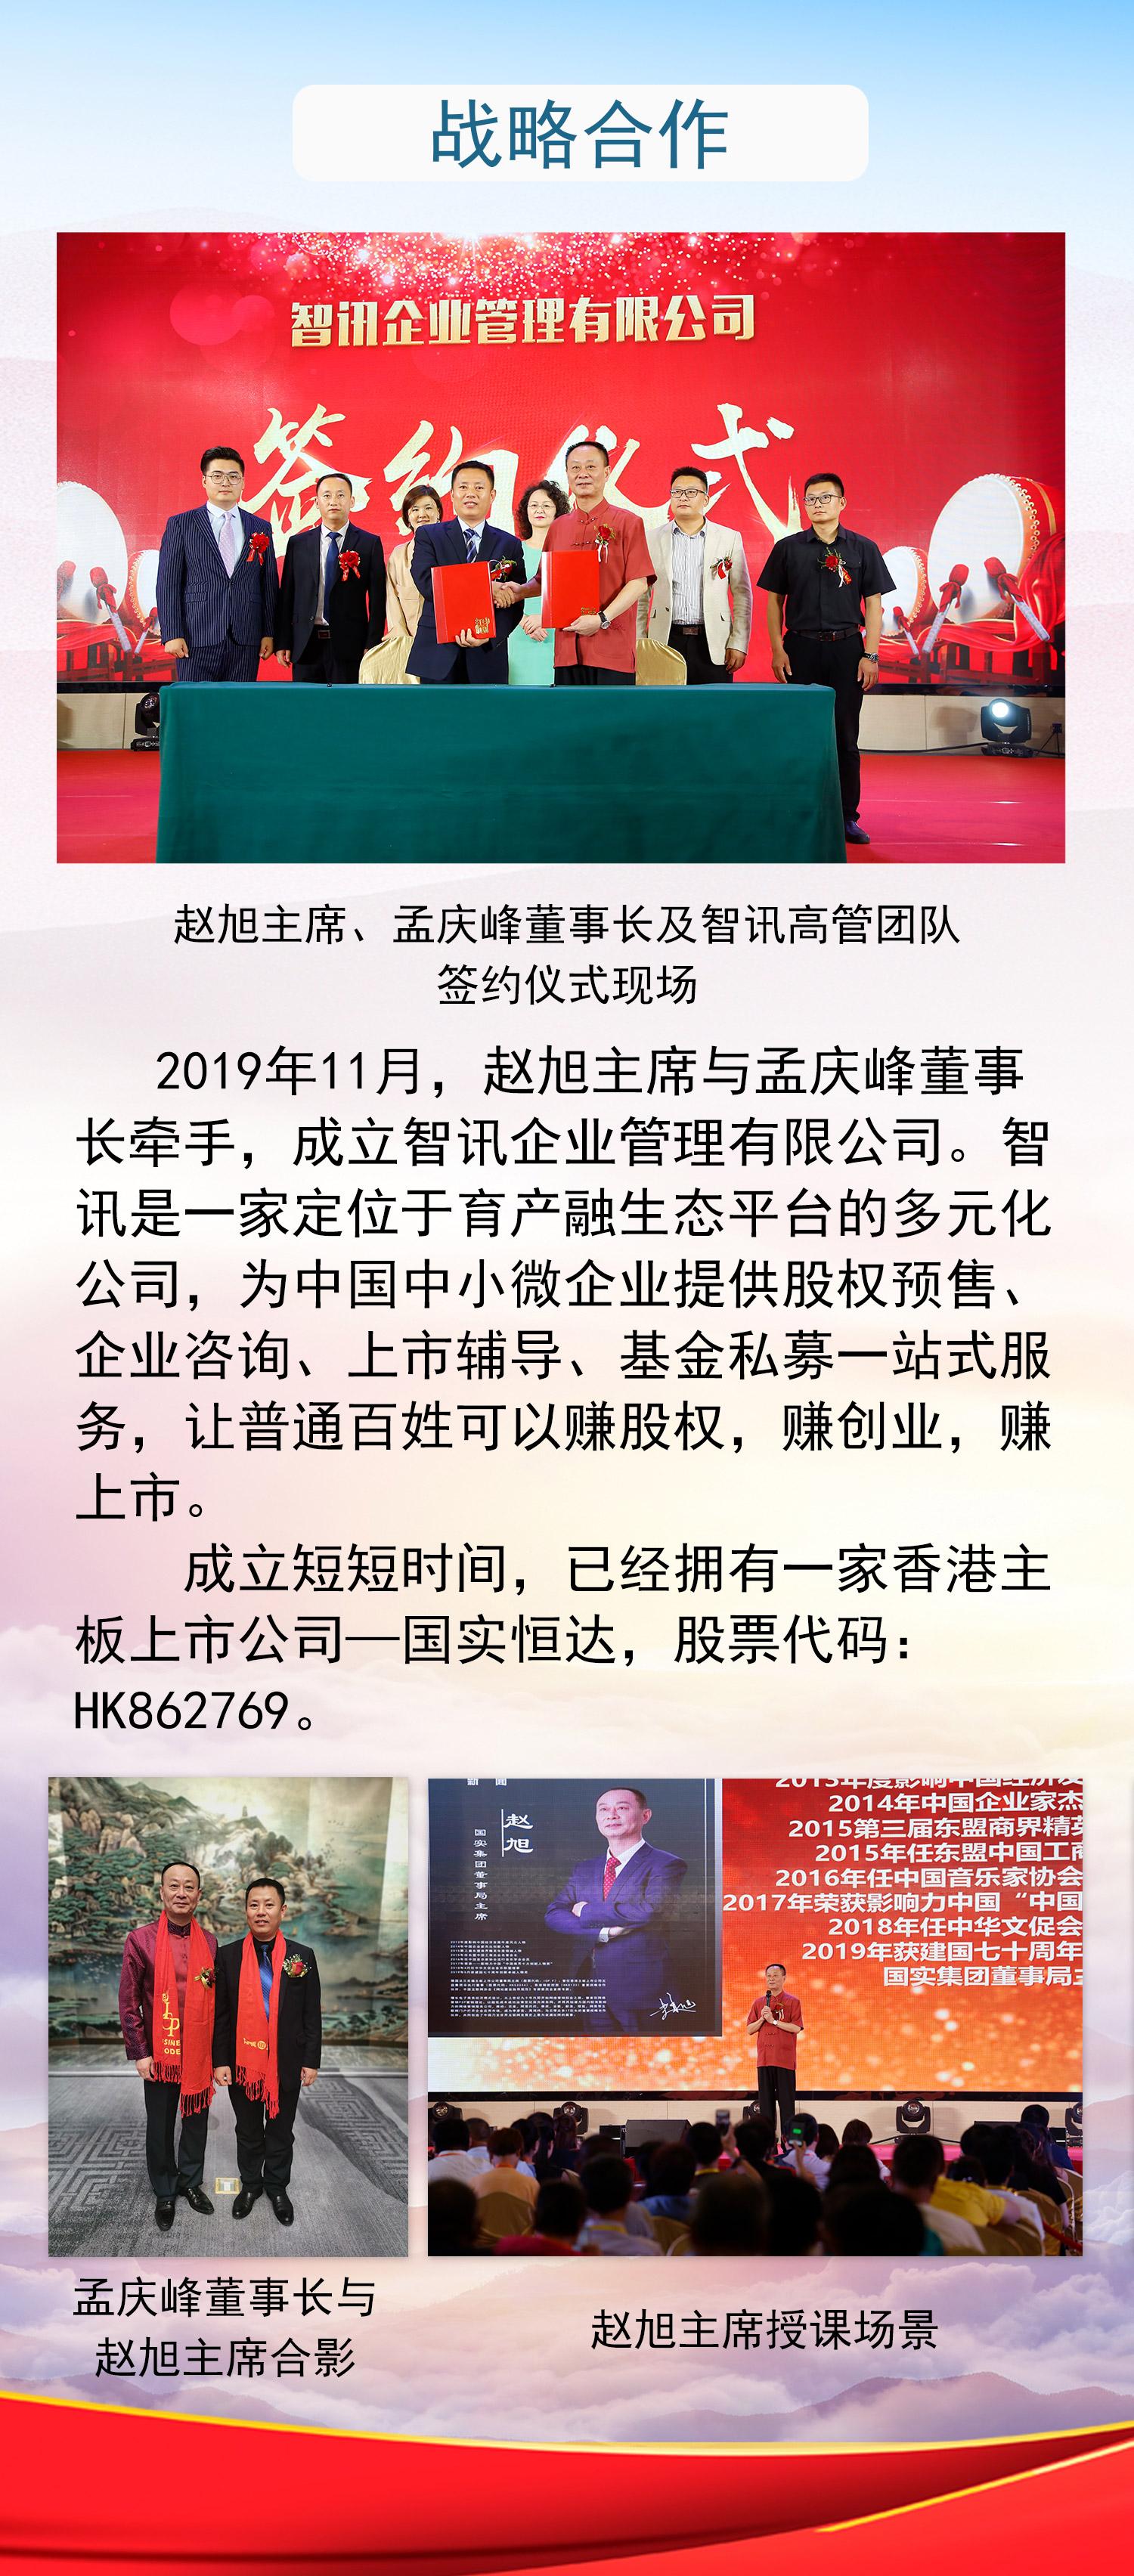 http://image.zhenyoufu.com.cn/shop/article/06711082988729017.jpg